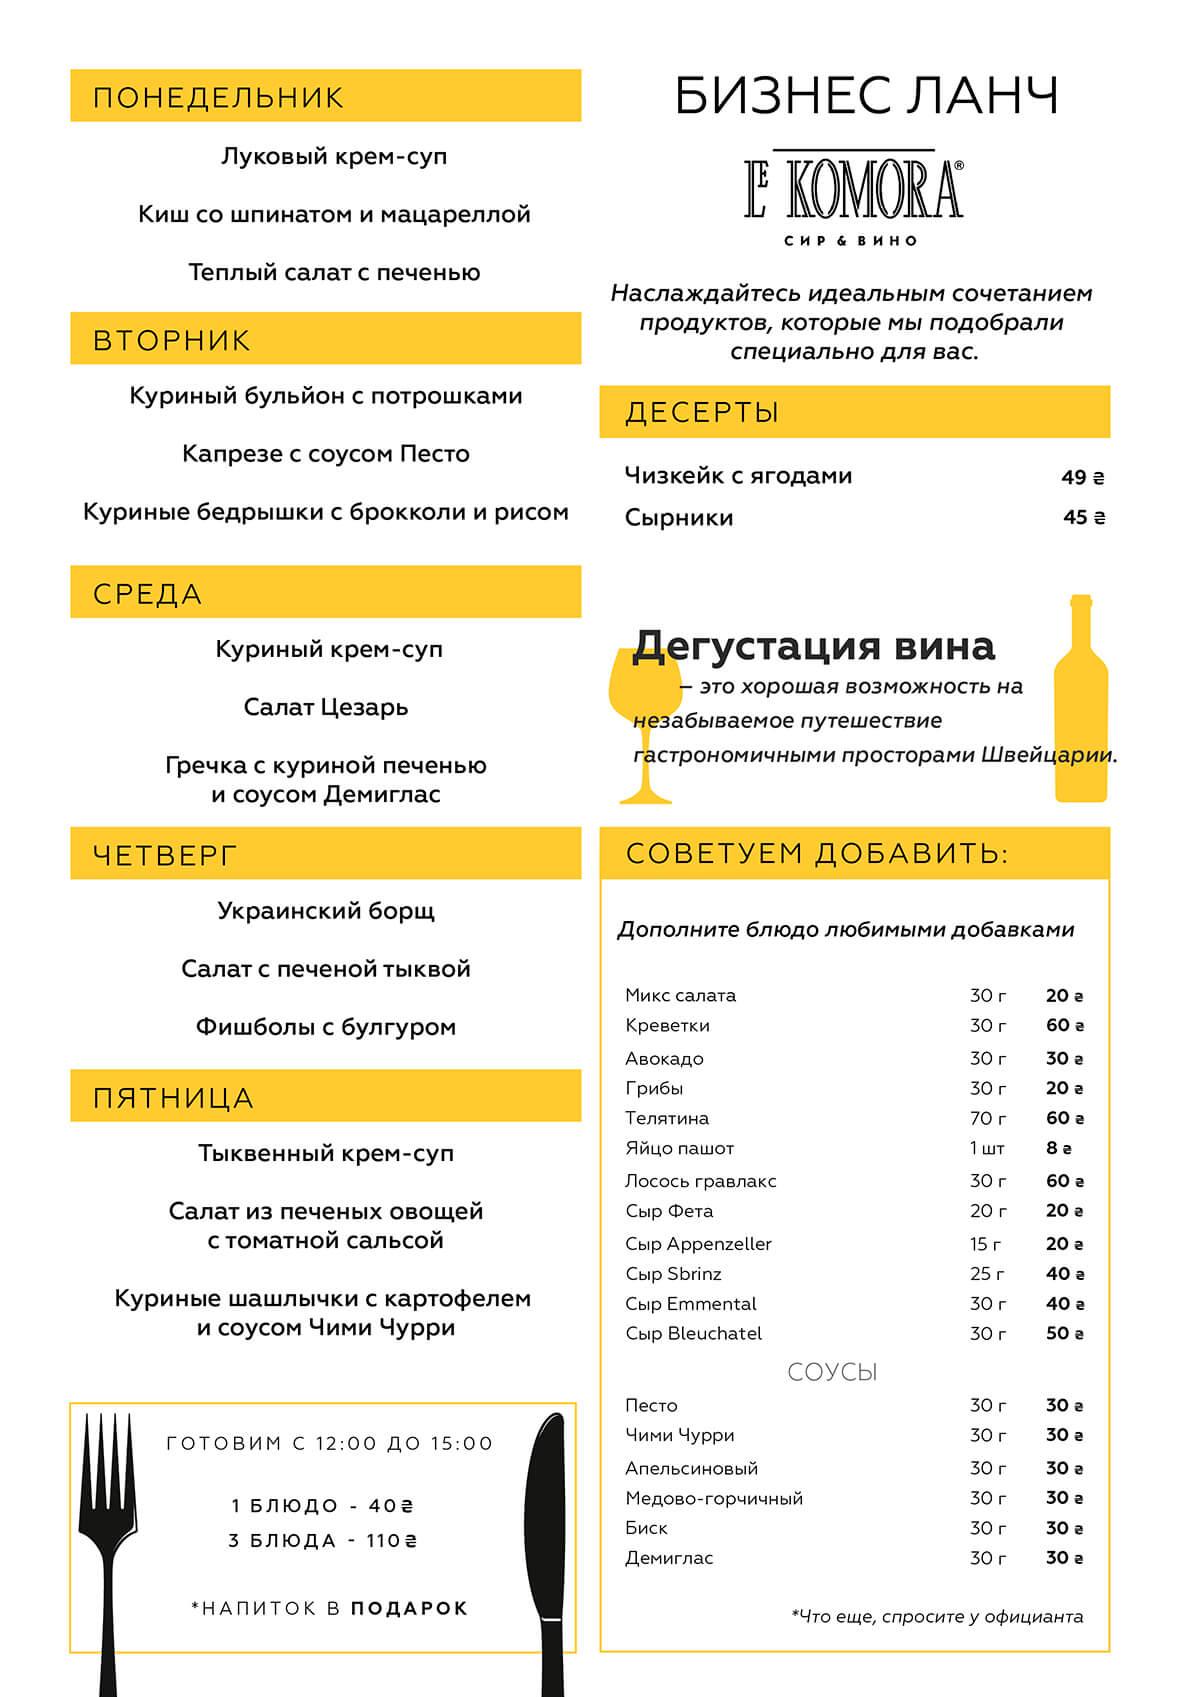 Меню бизнес-ланча в Харькове